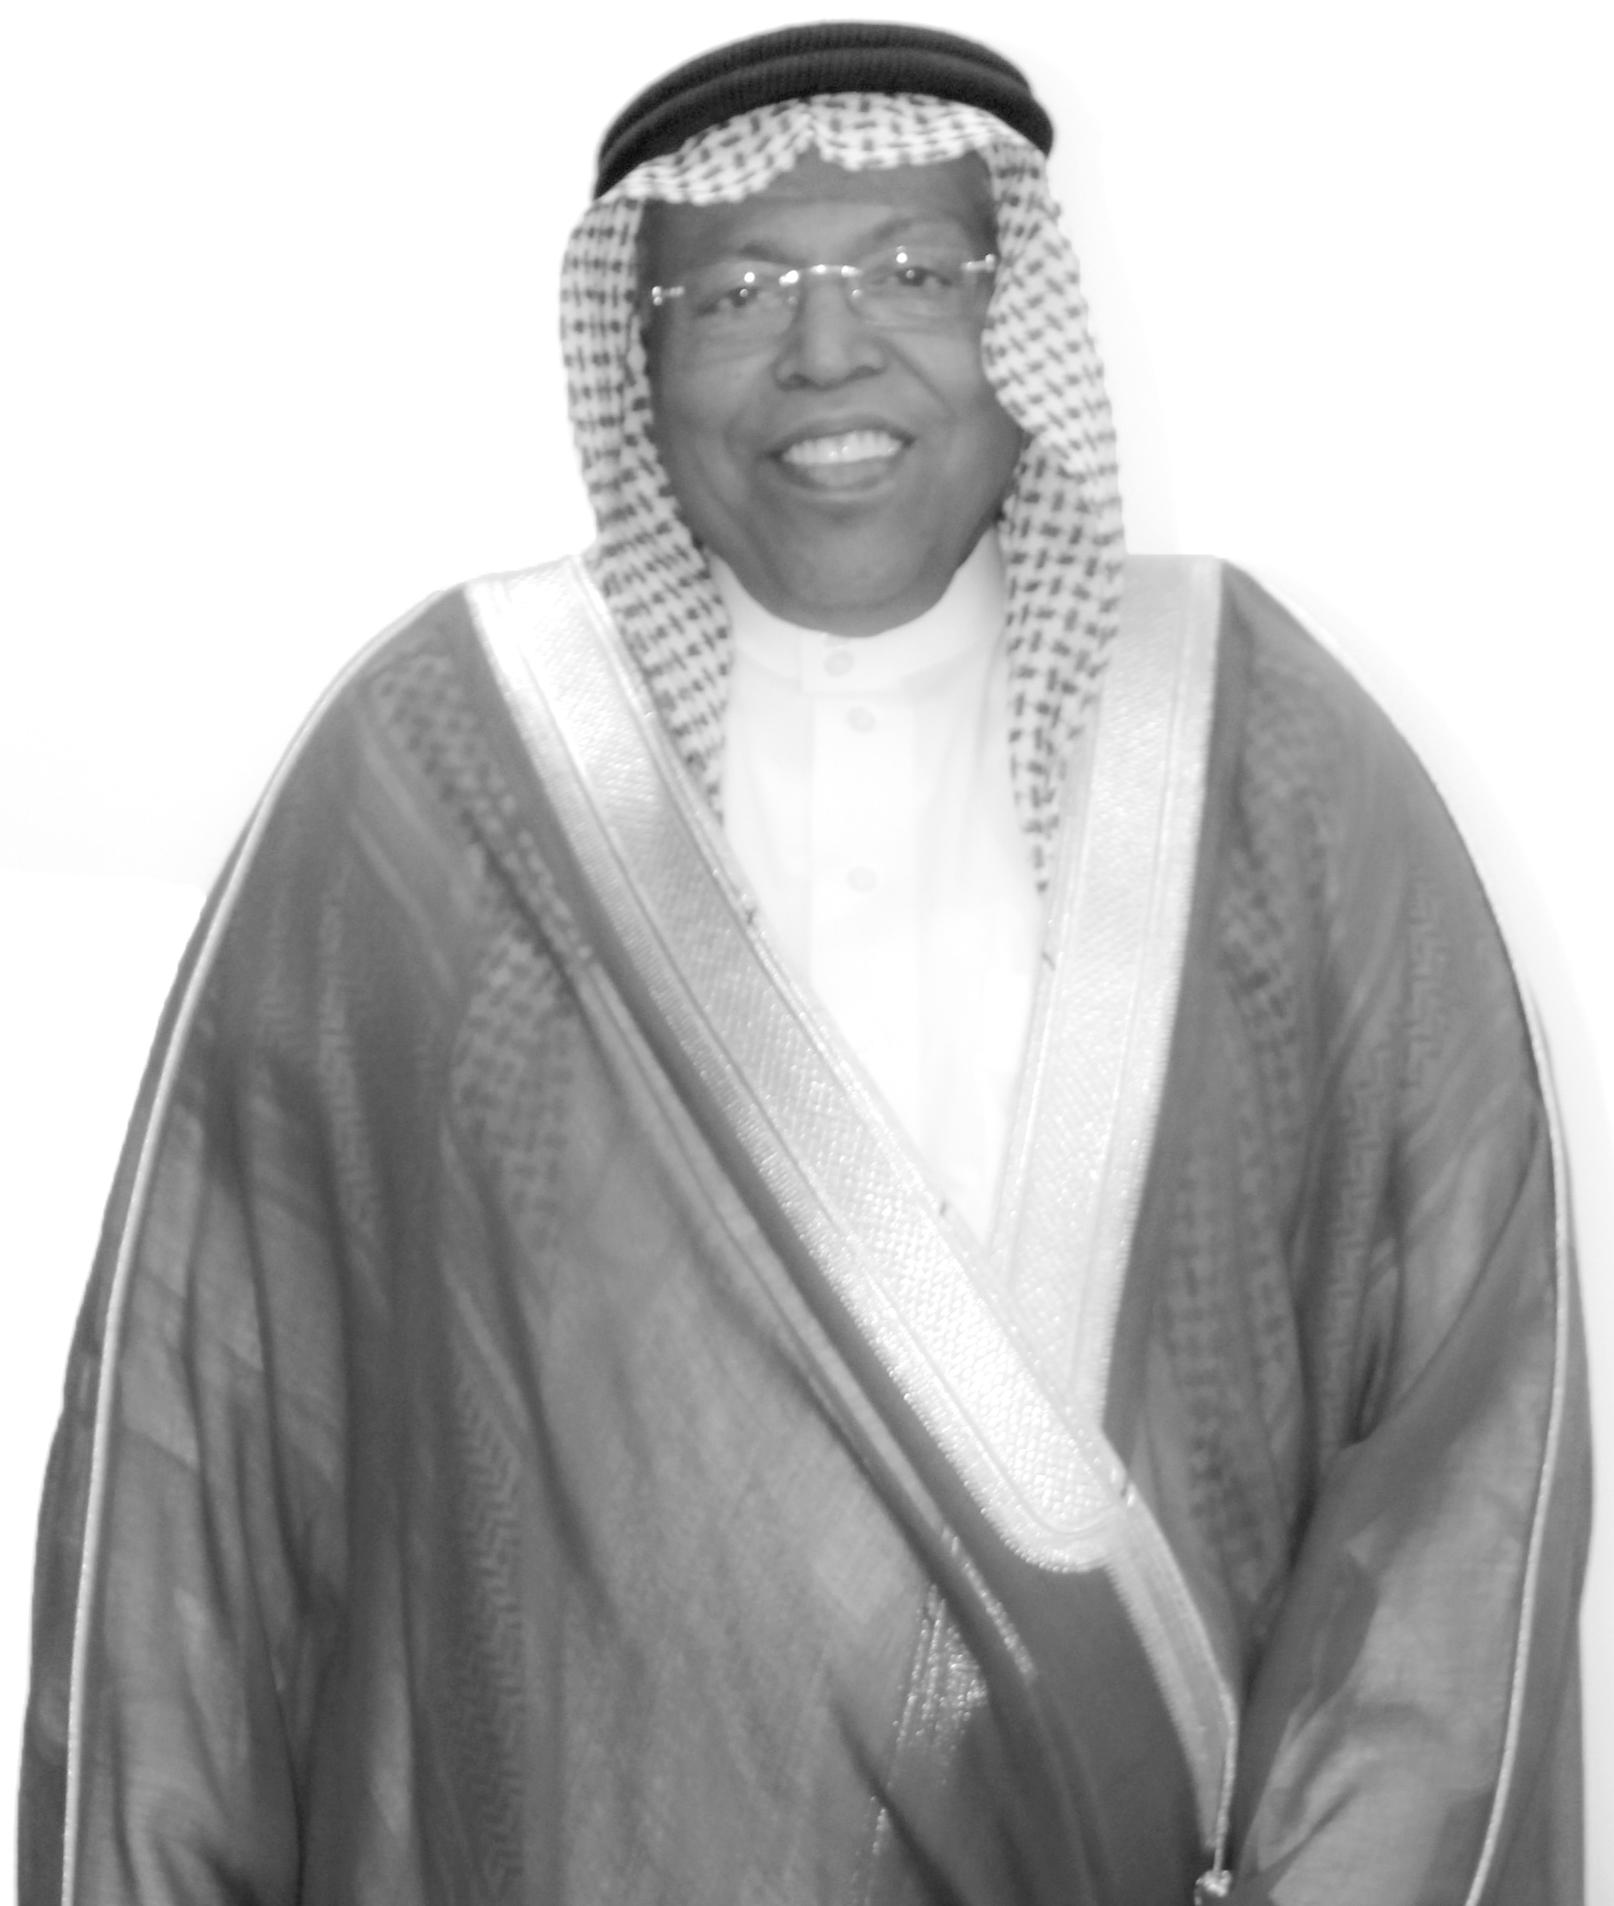 Mohammad Ali Algheithy